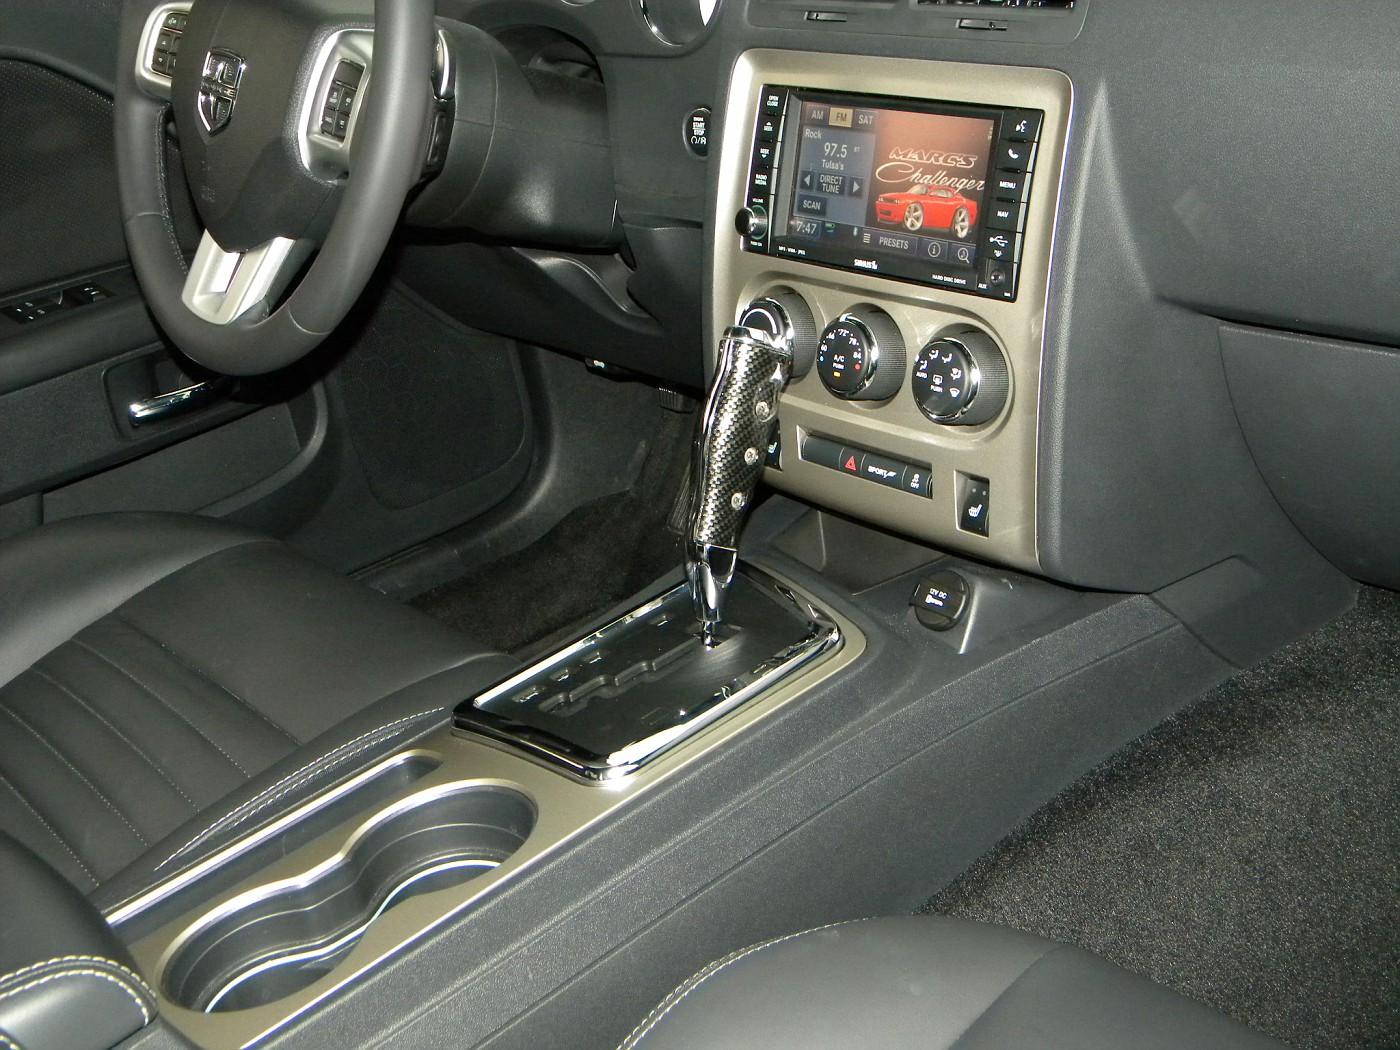 New Srt Dash And Console Trim Pics Dodge Challenger Forum Challenger Srt8 Forums